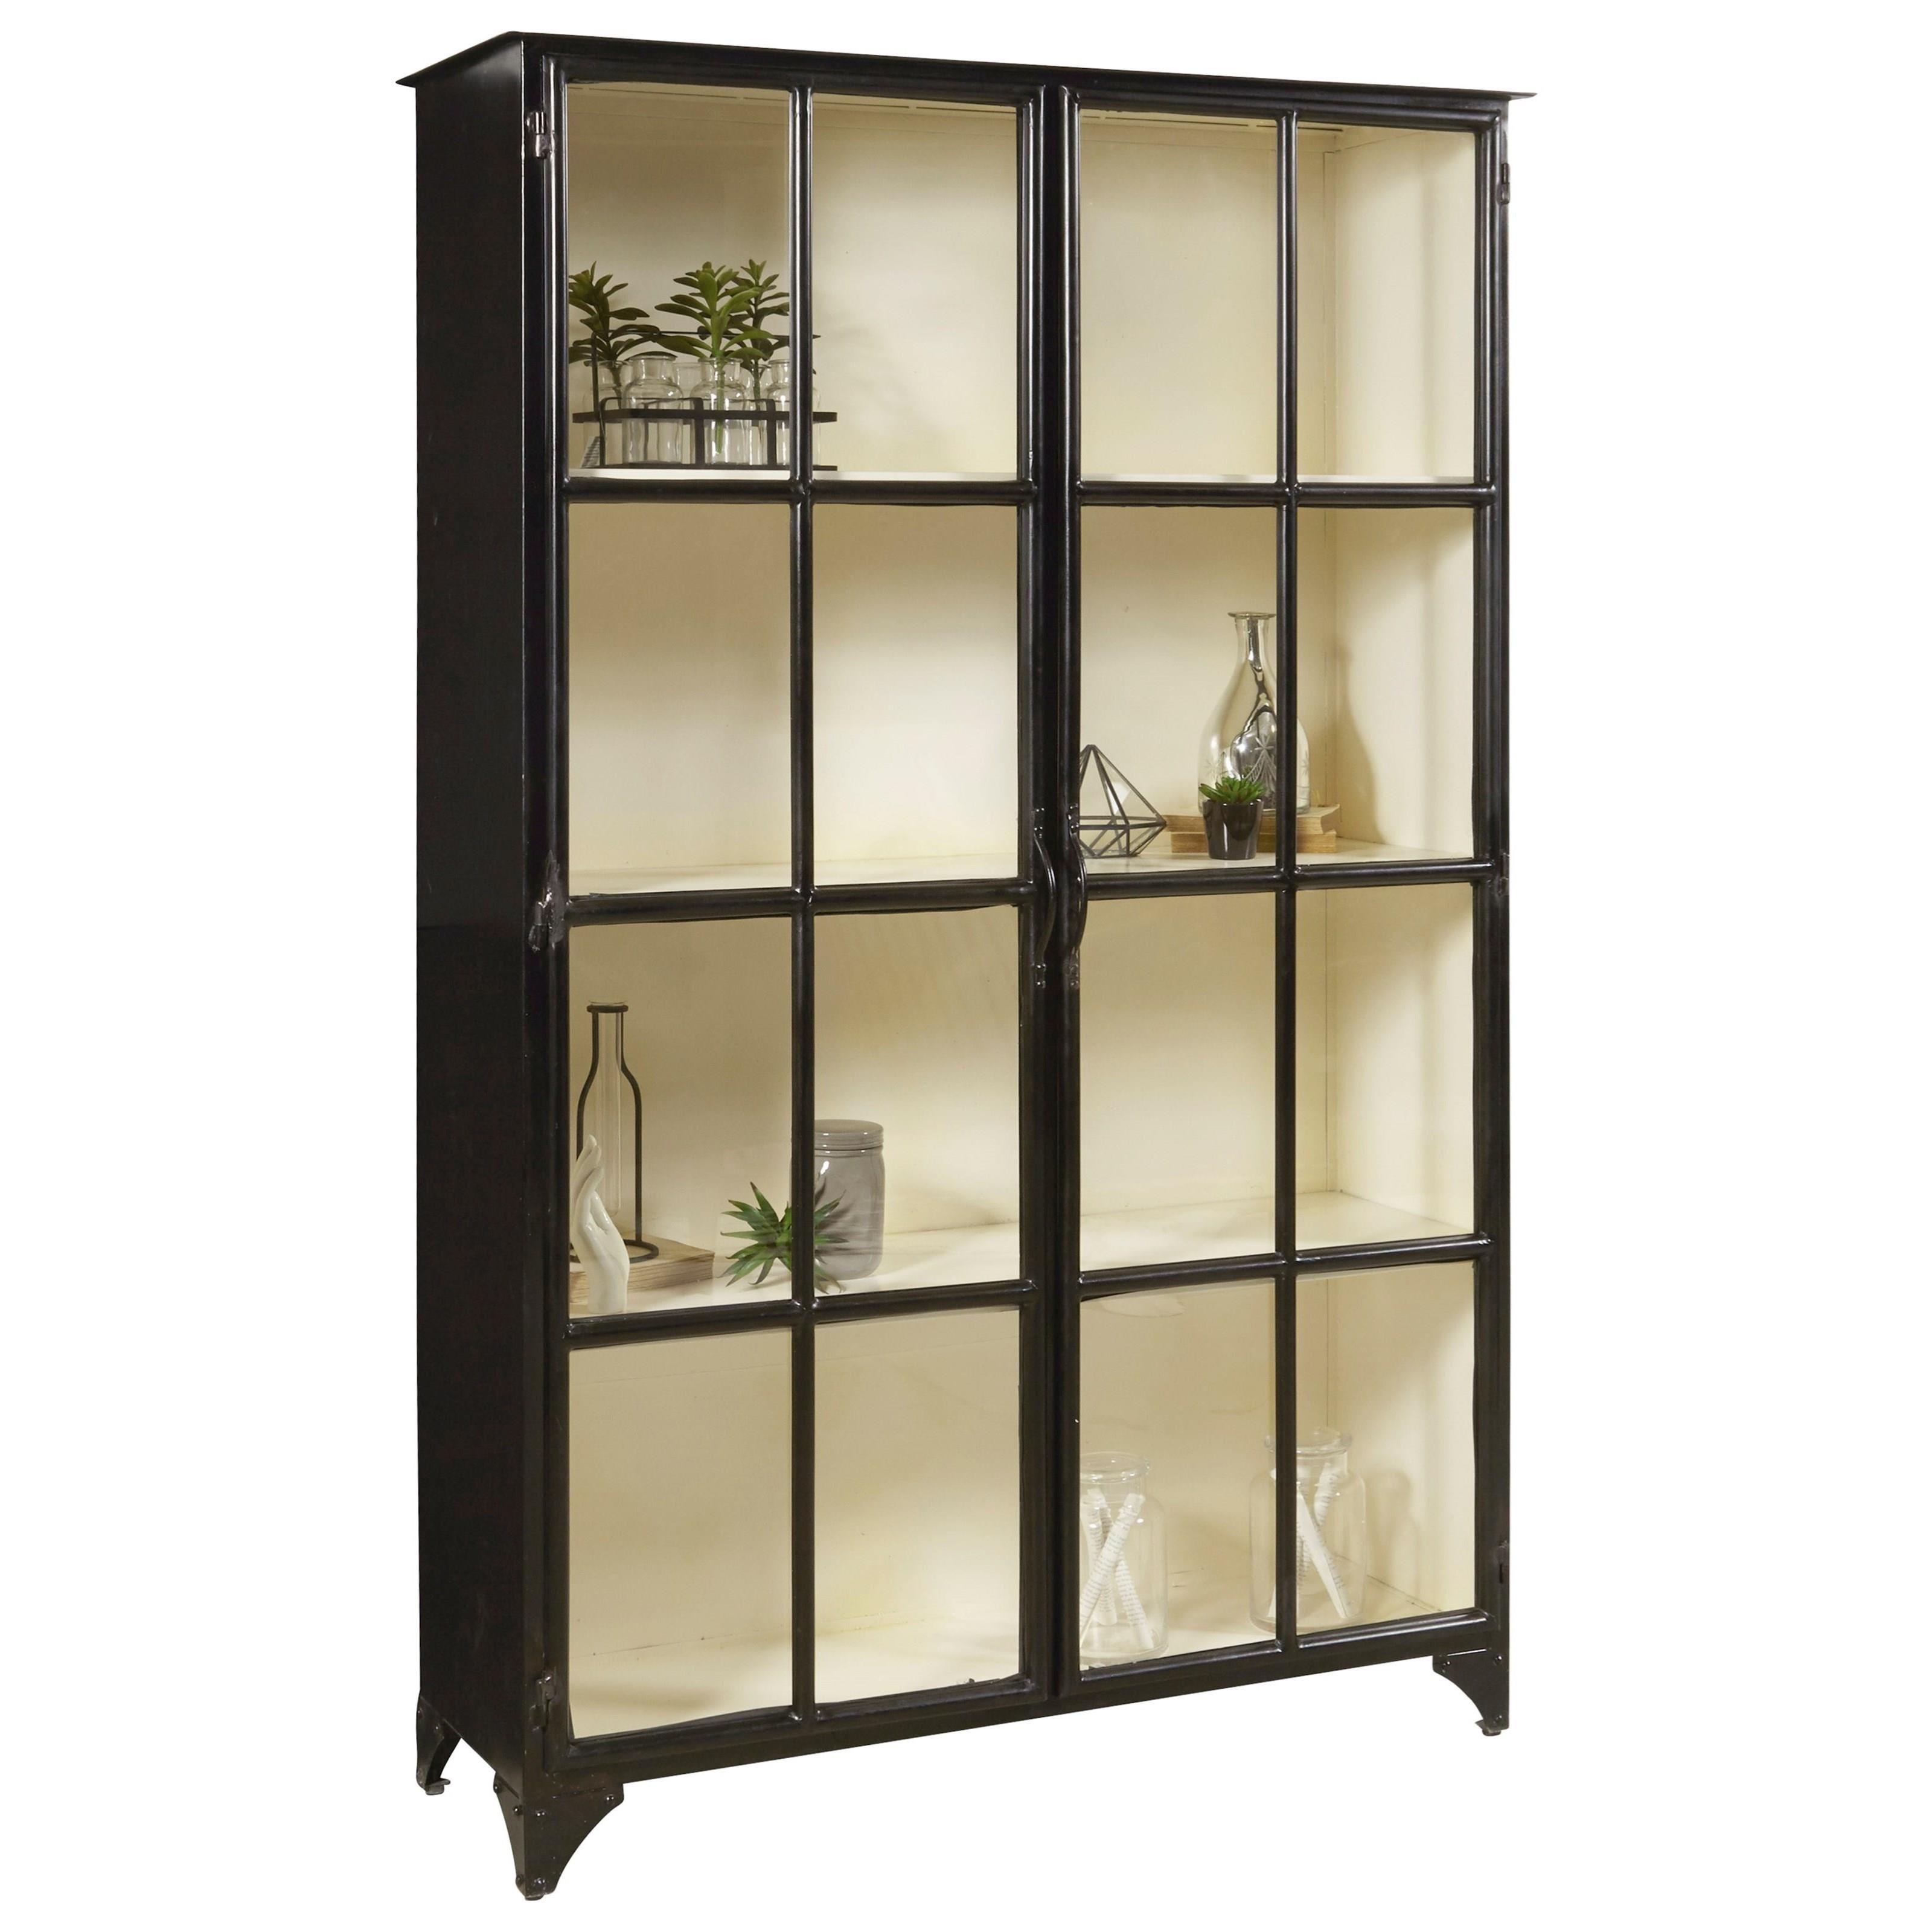 Pulaski Furniture Store: Pulaski Furniture Accents Metal Display Cabinet In Matte